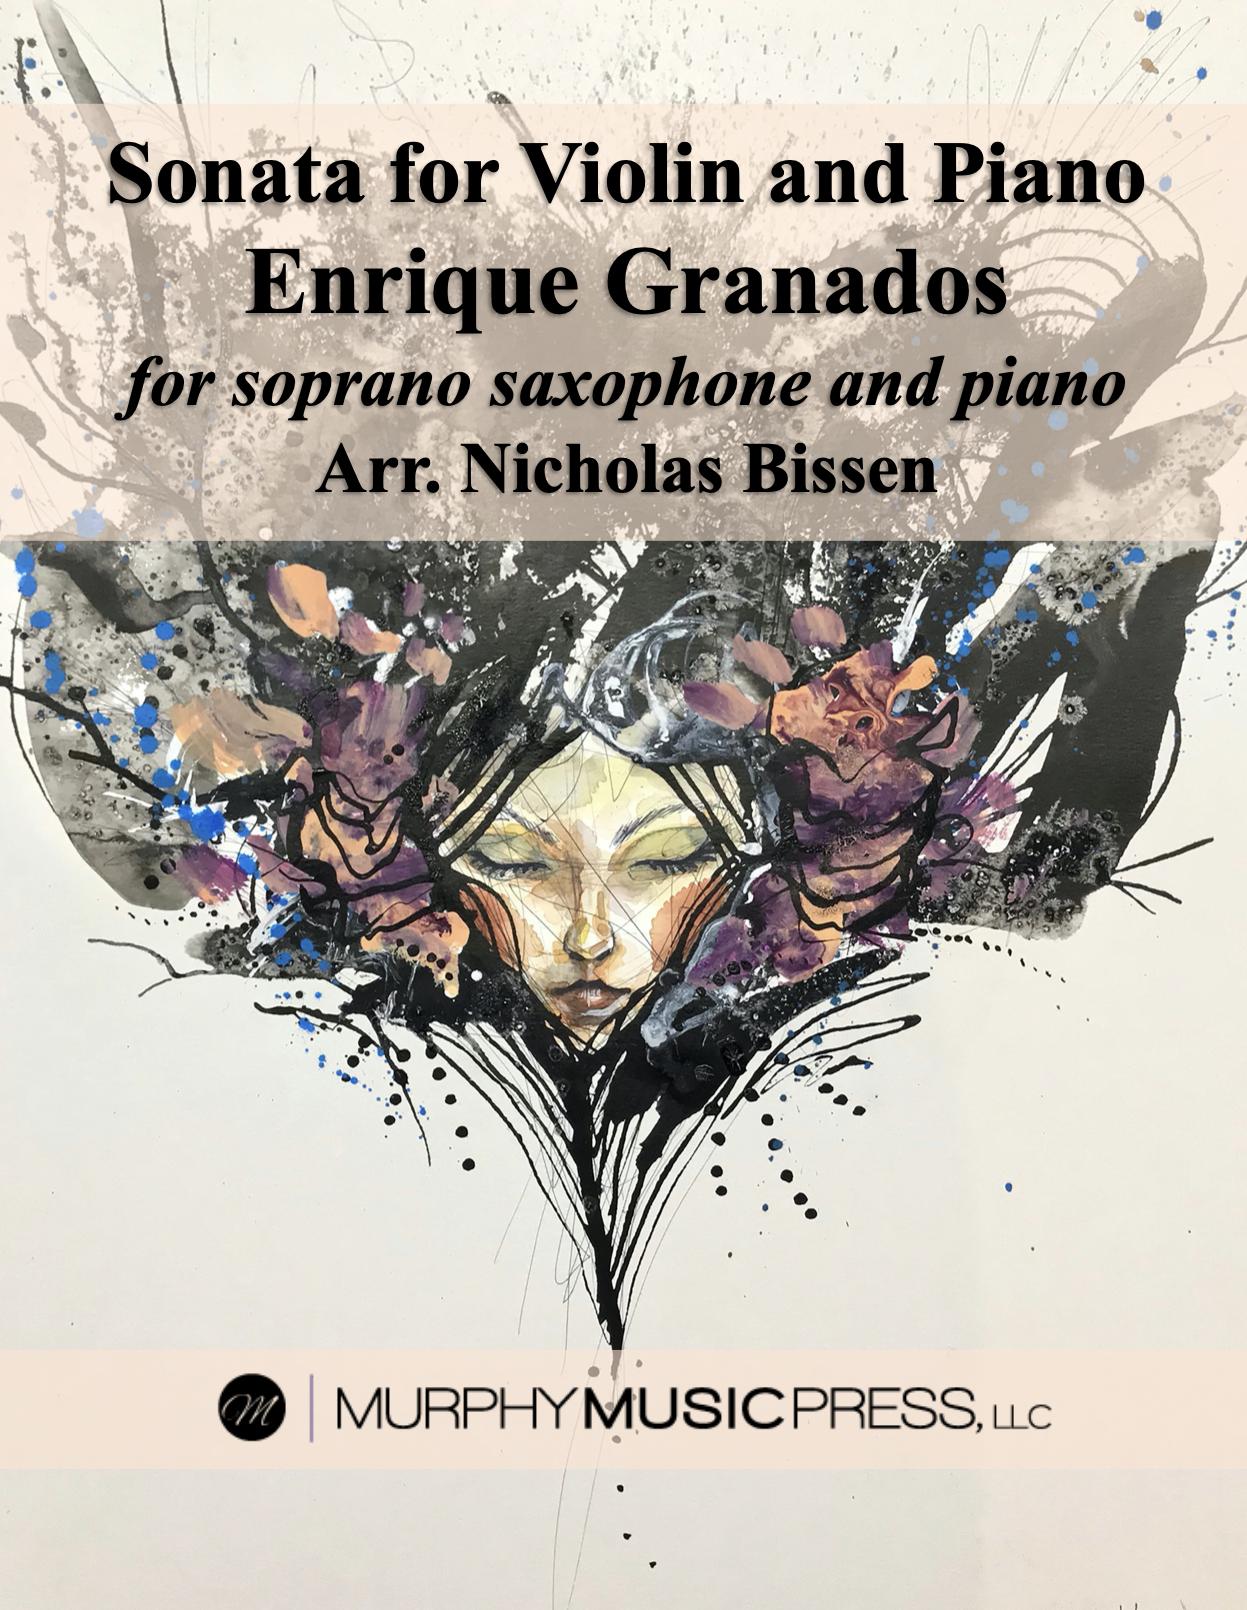 Sonata For Violin And Piano by Granados, arr Nicholas Bissen